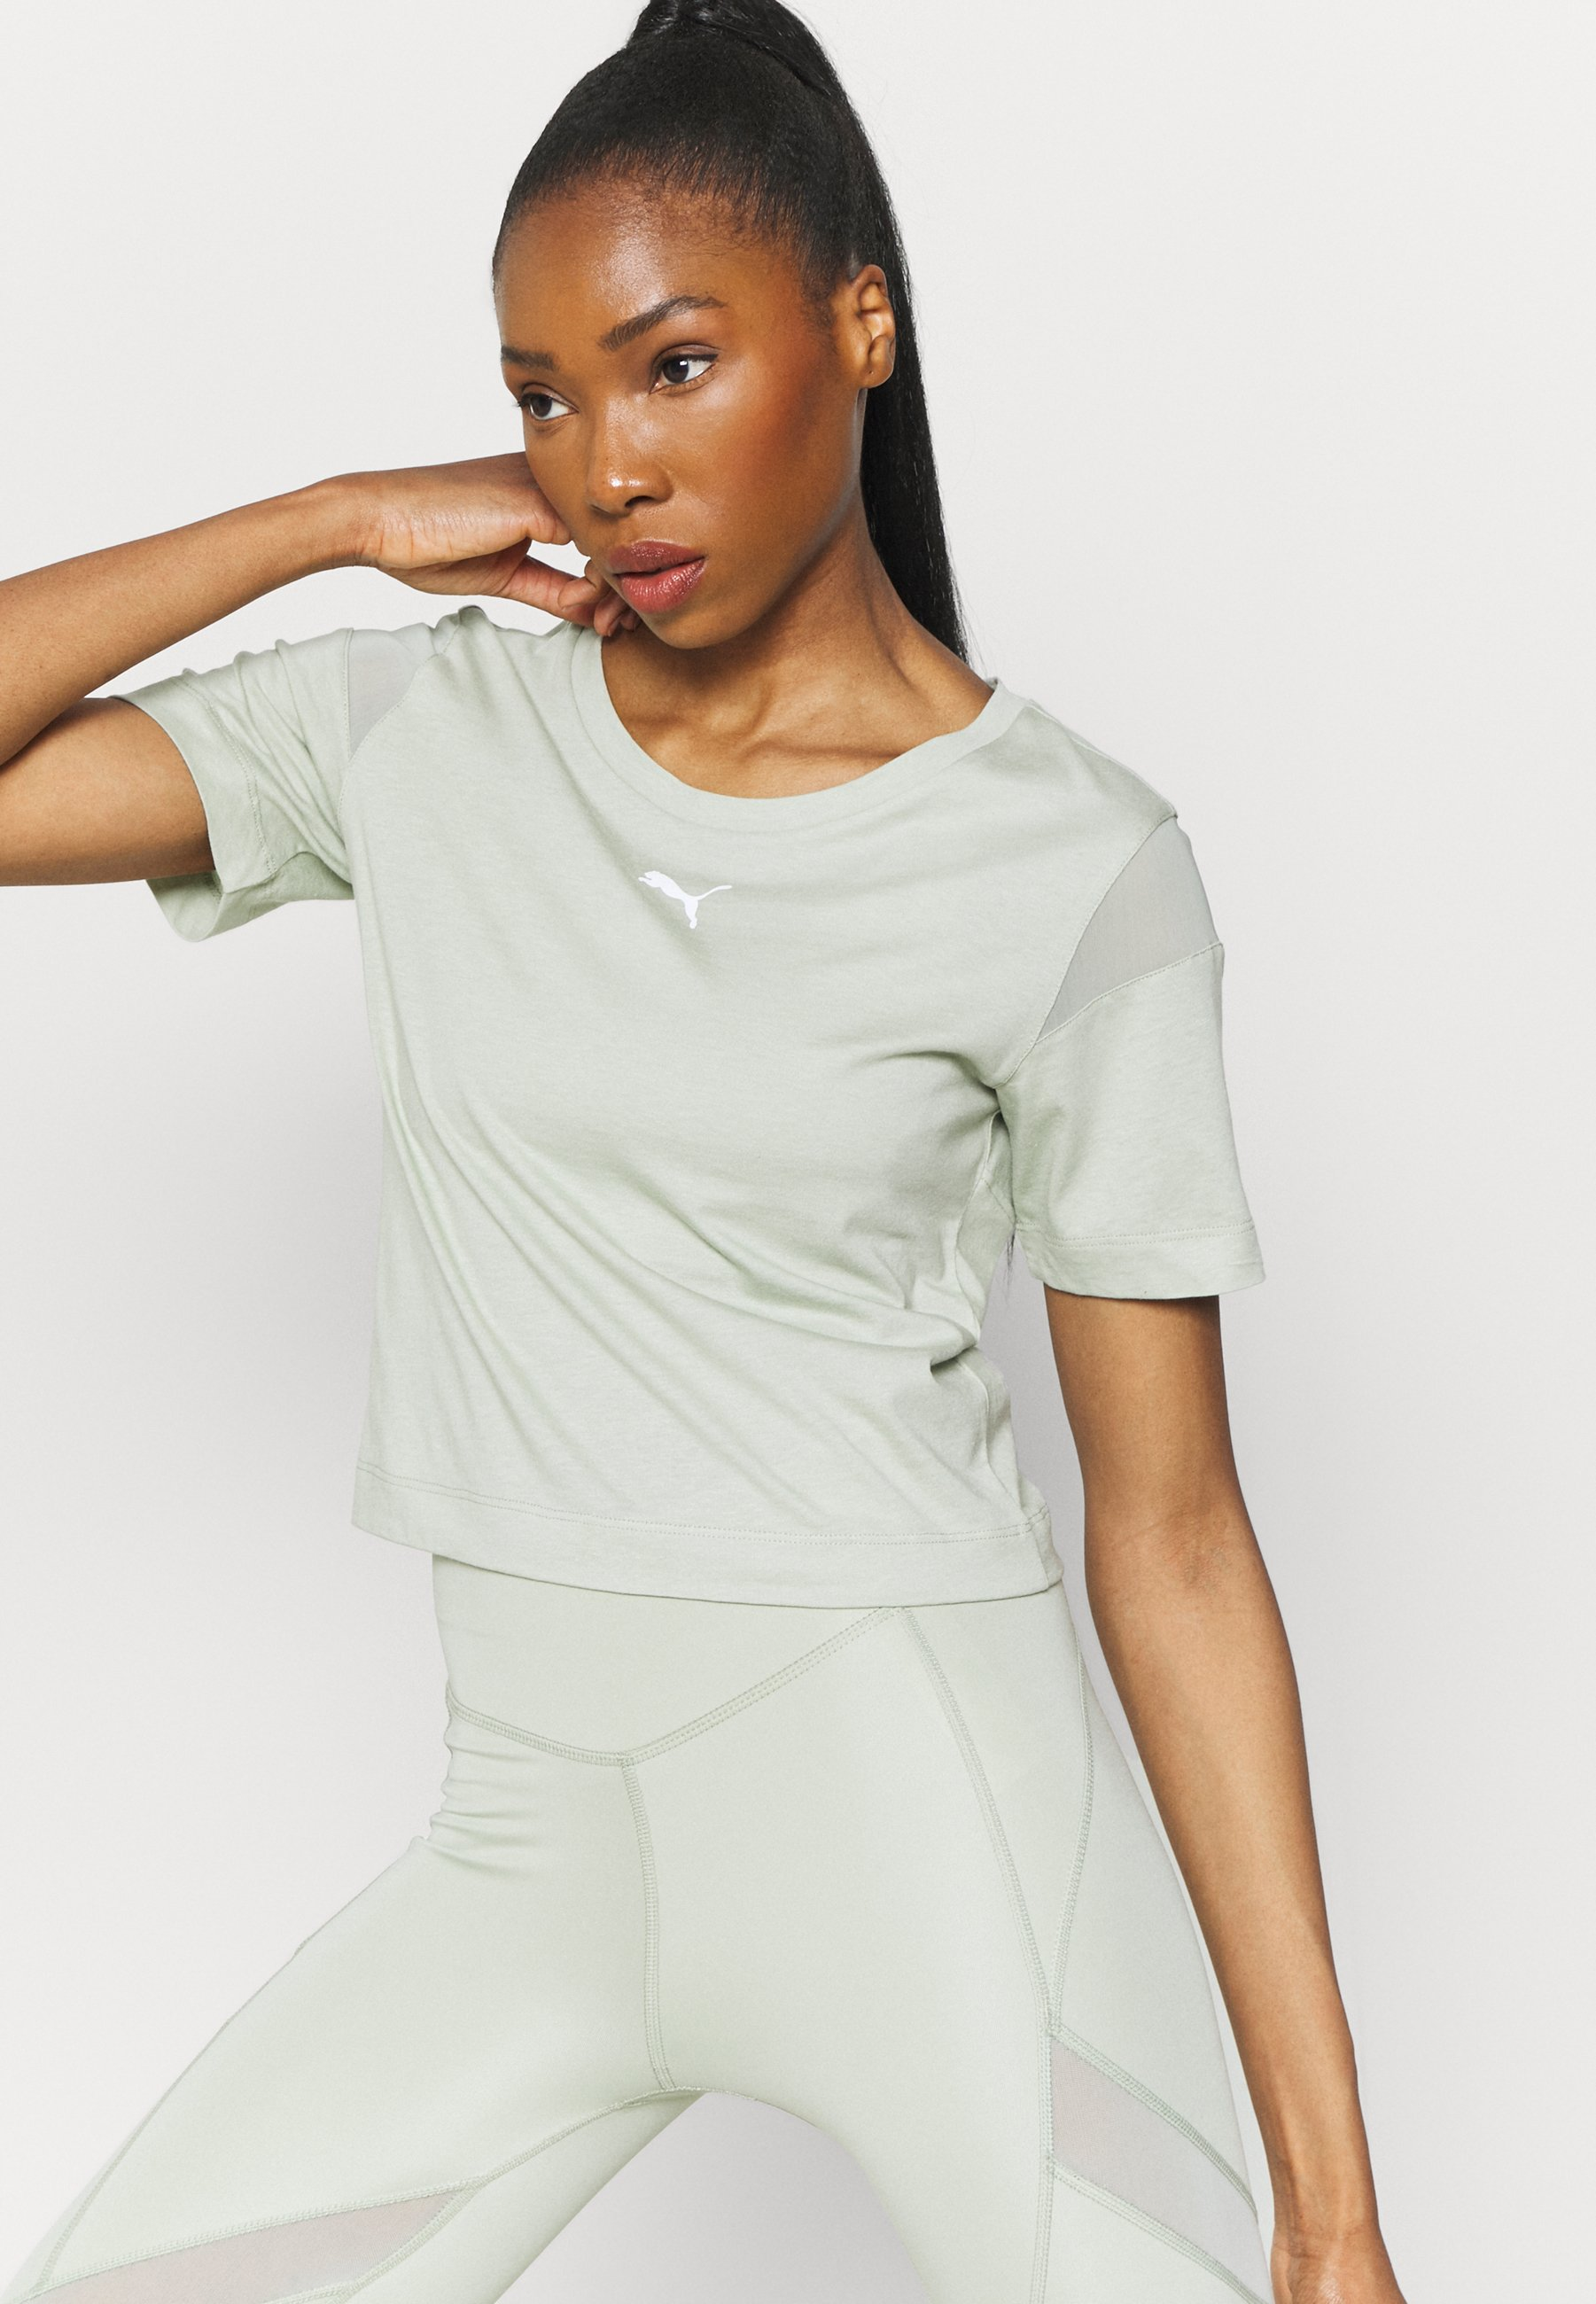 Women PAMELA REIF X PUM TEE BACK CUTOUT - Print T-shirt